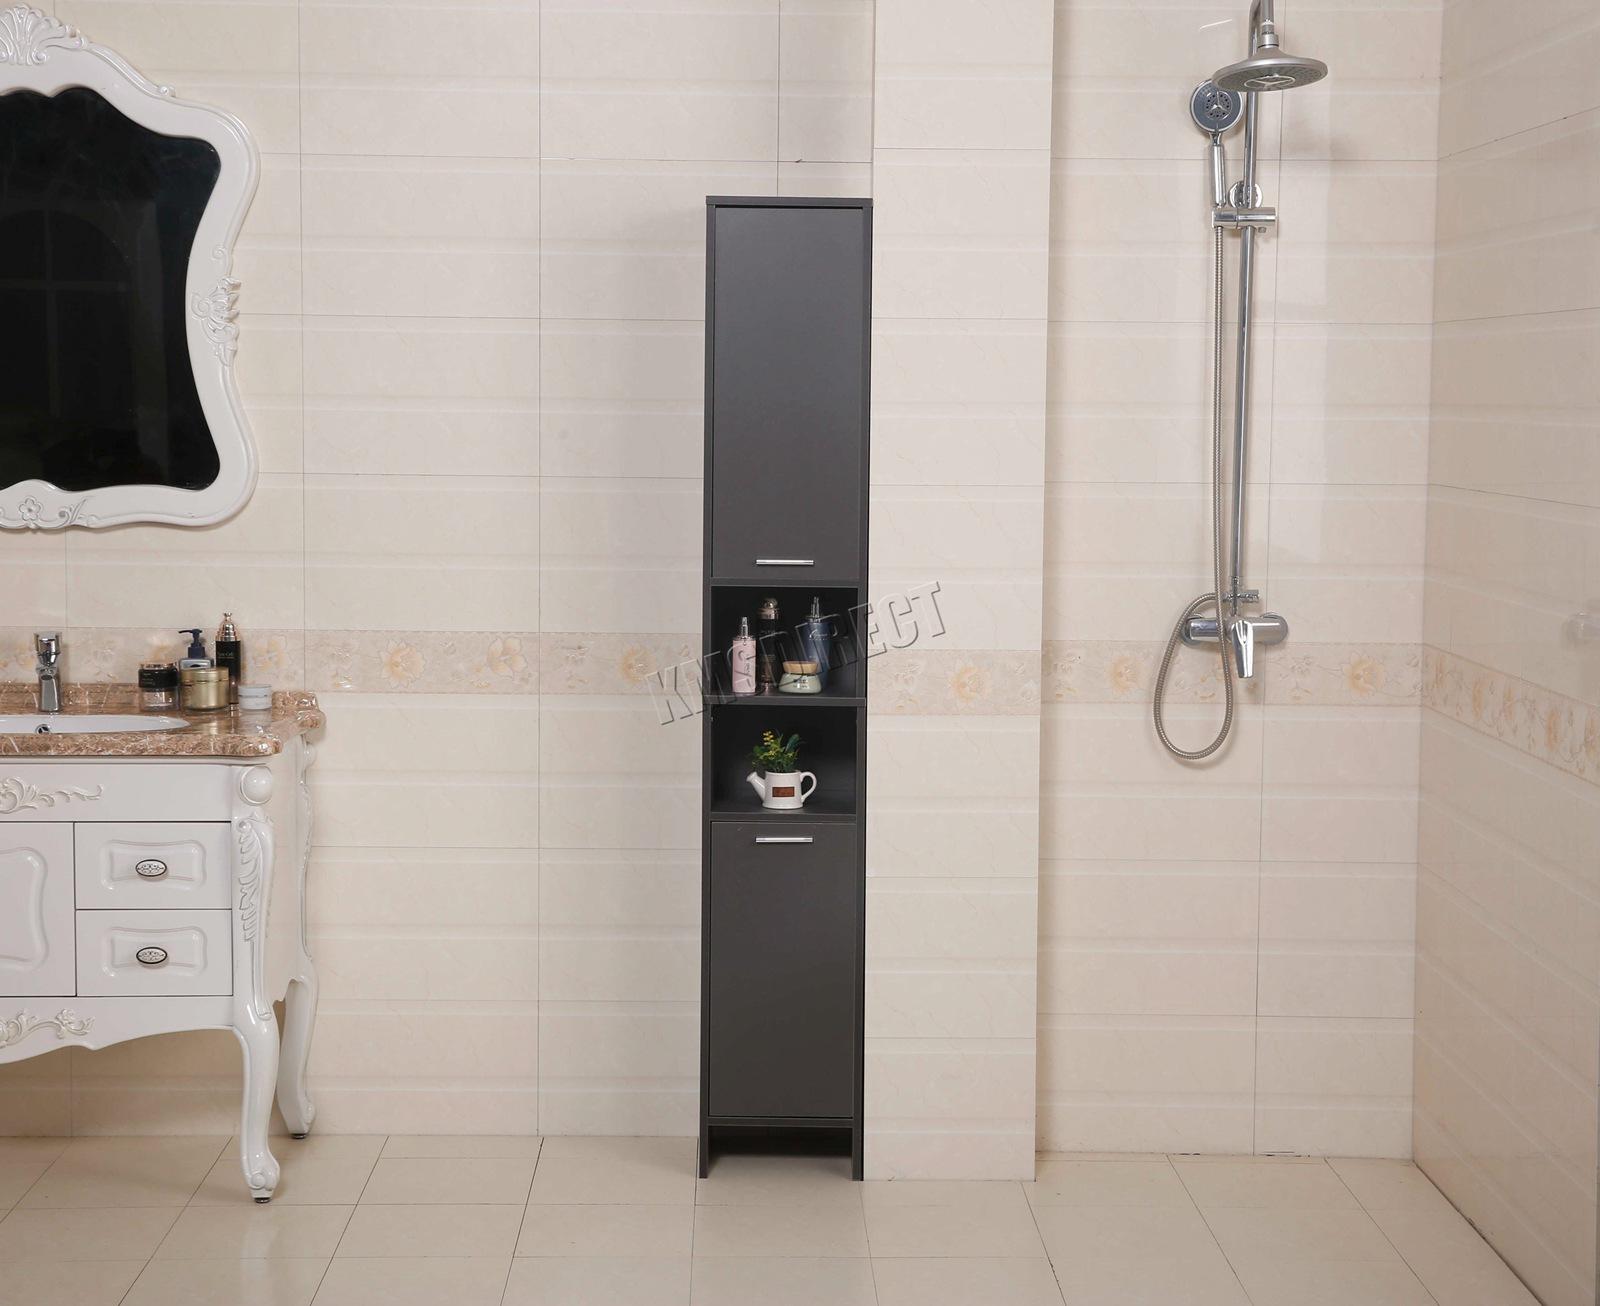 Armadietto Da Bagno Alterna : Armadietto da bagno alterna fina fantastiche immagini su i mobili